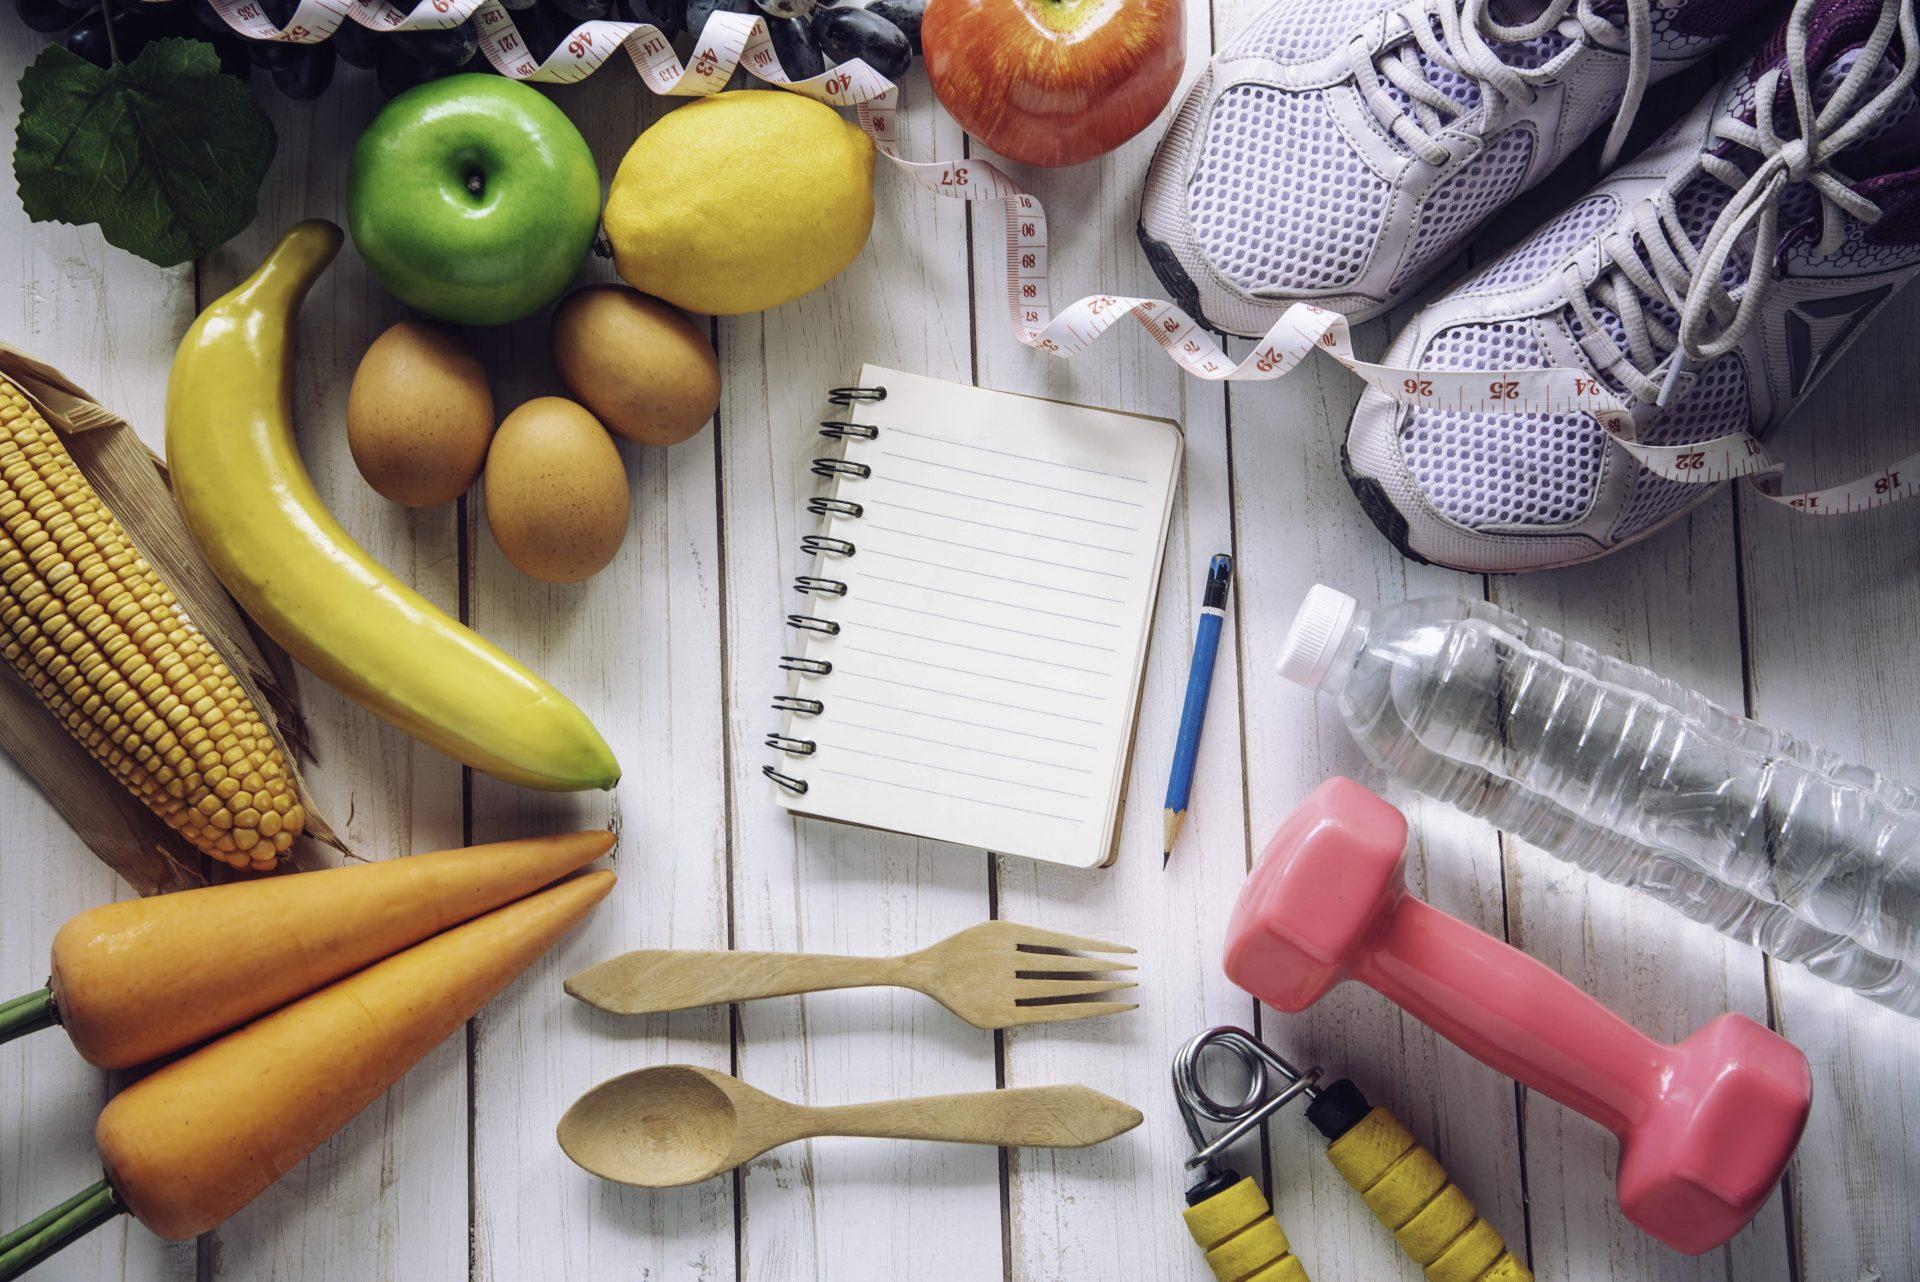 پژوهشگران از اهمیت بالای رژیم غذایی سالم و ورزش کردن در سنین کودکی خبر میدهند